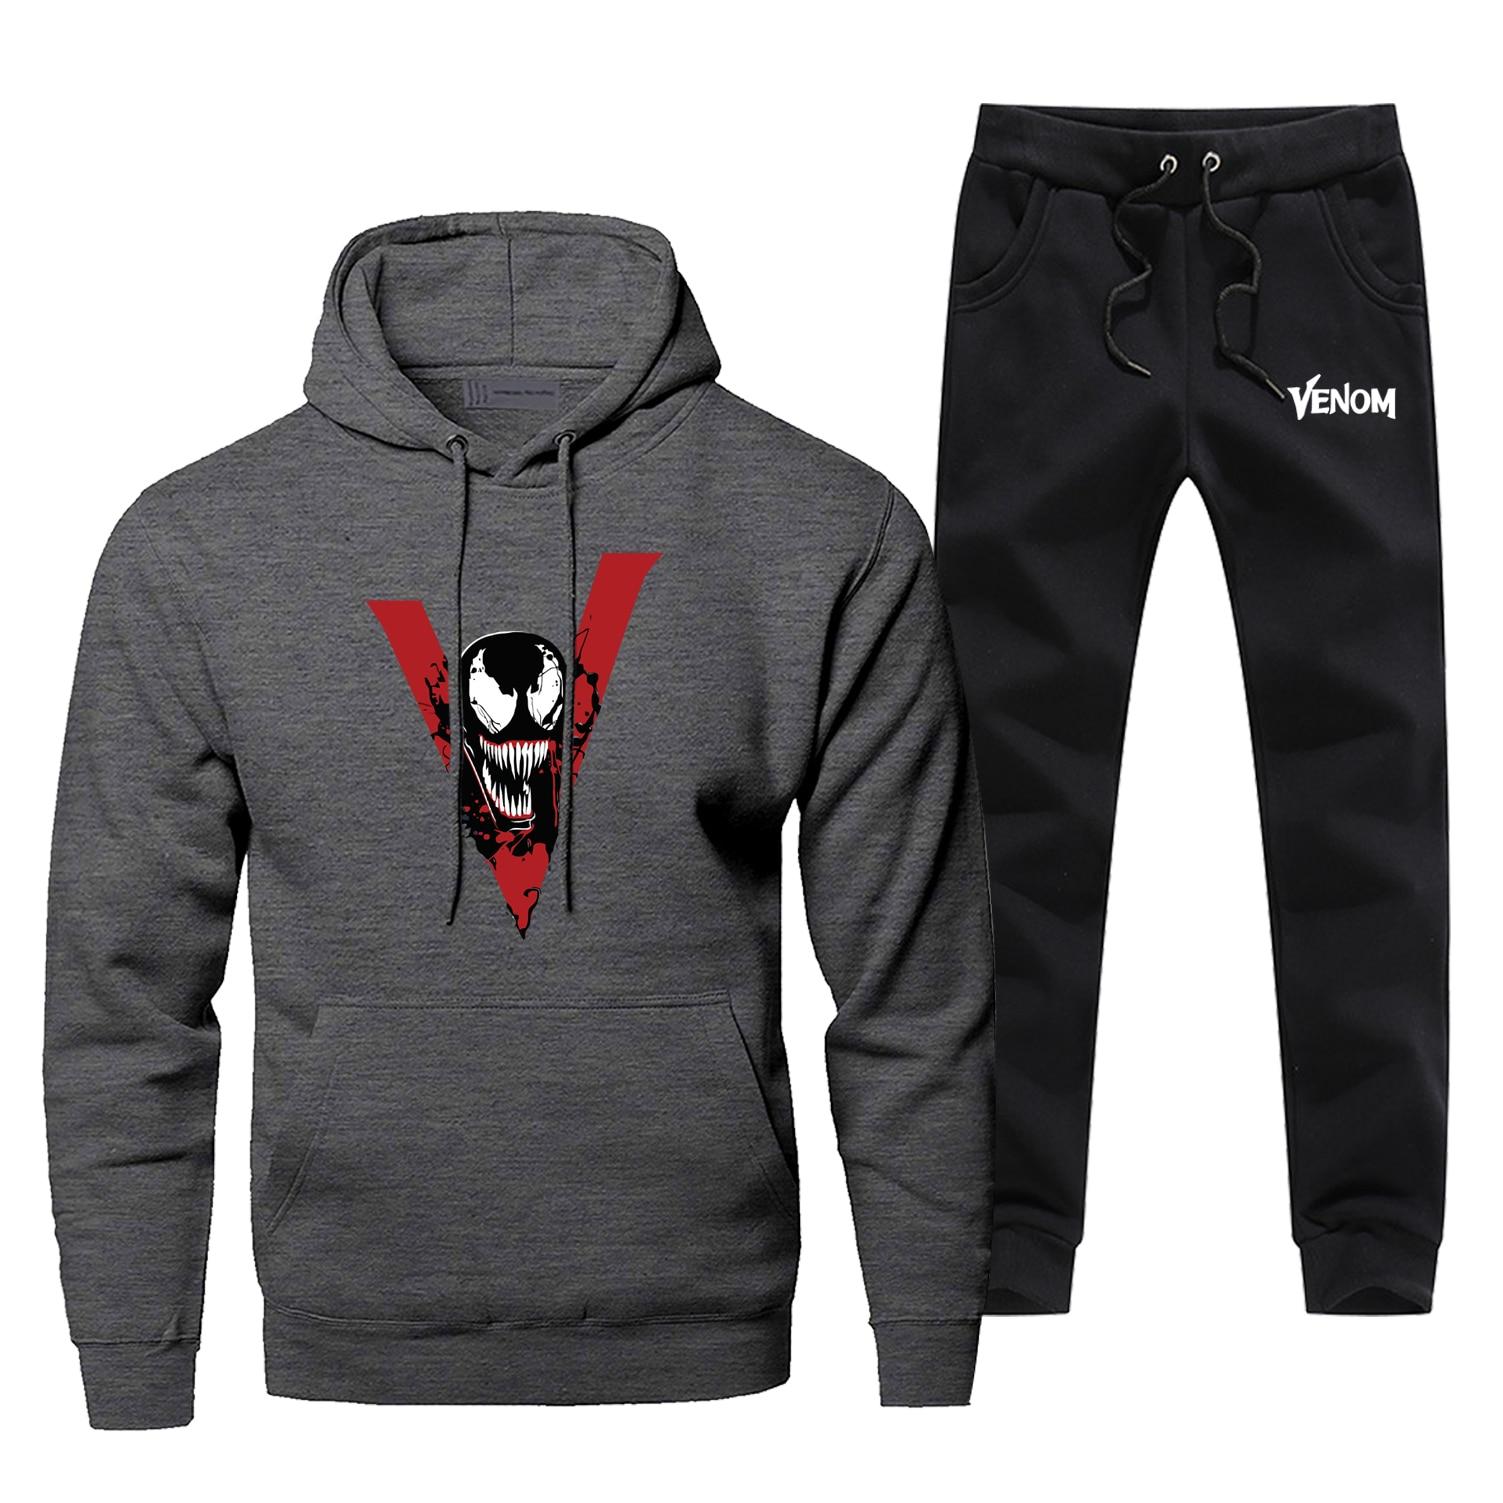 Venom Hoodie Pants Set Marvel Super Hero Men Sweatshirt Male Hoodies Sweatshirts Mens Sets Two Piece Pant Pullover Hoody Coat